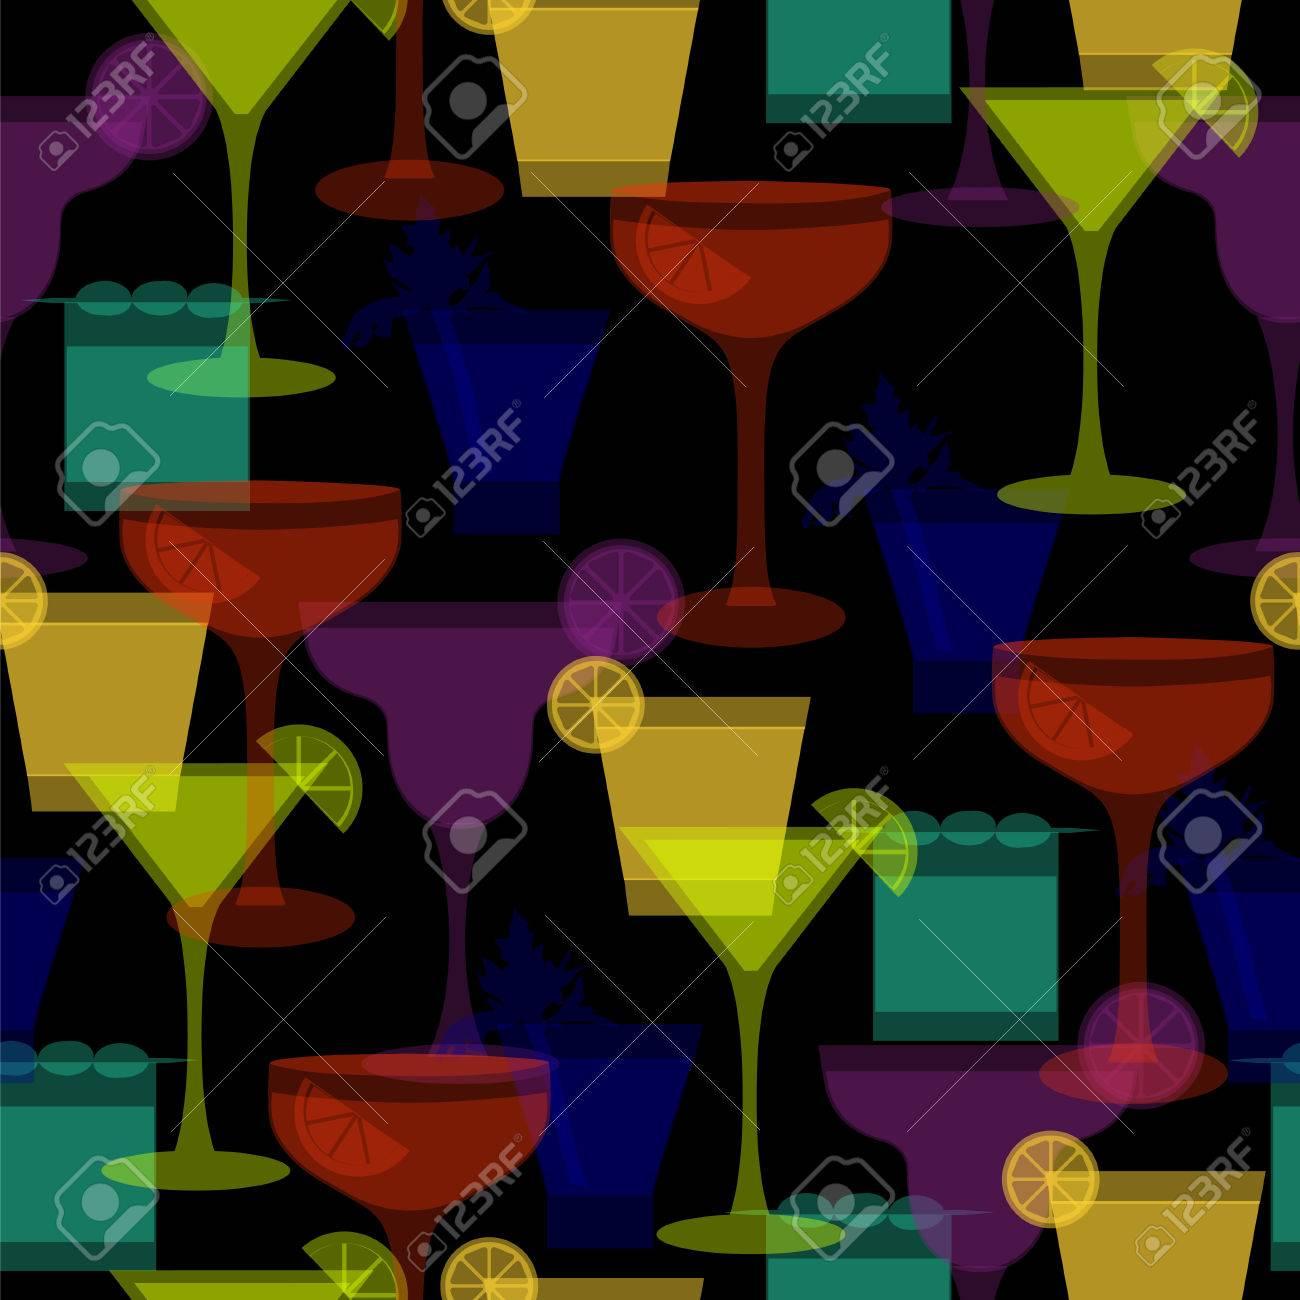 cocktail silhouetten nahtlose muster vektor illustration mit verschiedenen glsern und getrnken fr getrnkekarte - Getrankekarte Muster